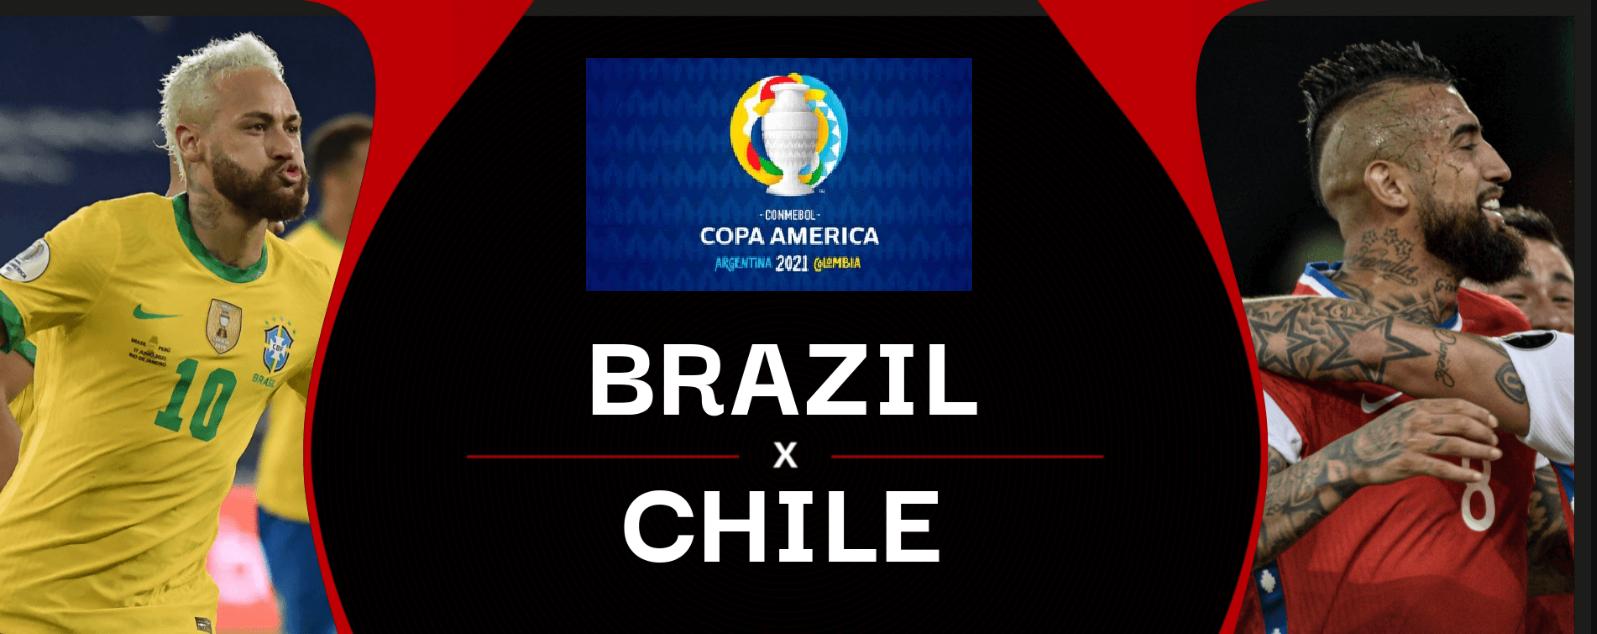 Brazil-vs-Chile-in-Copa-America